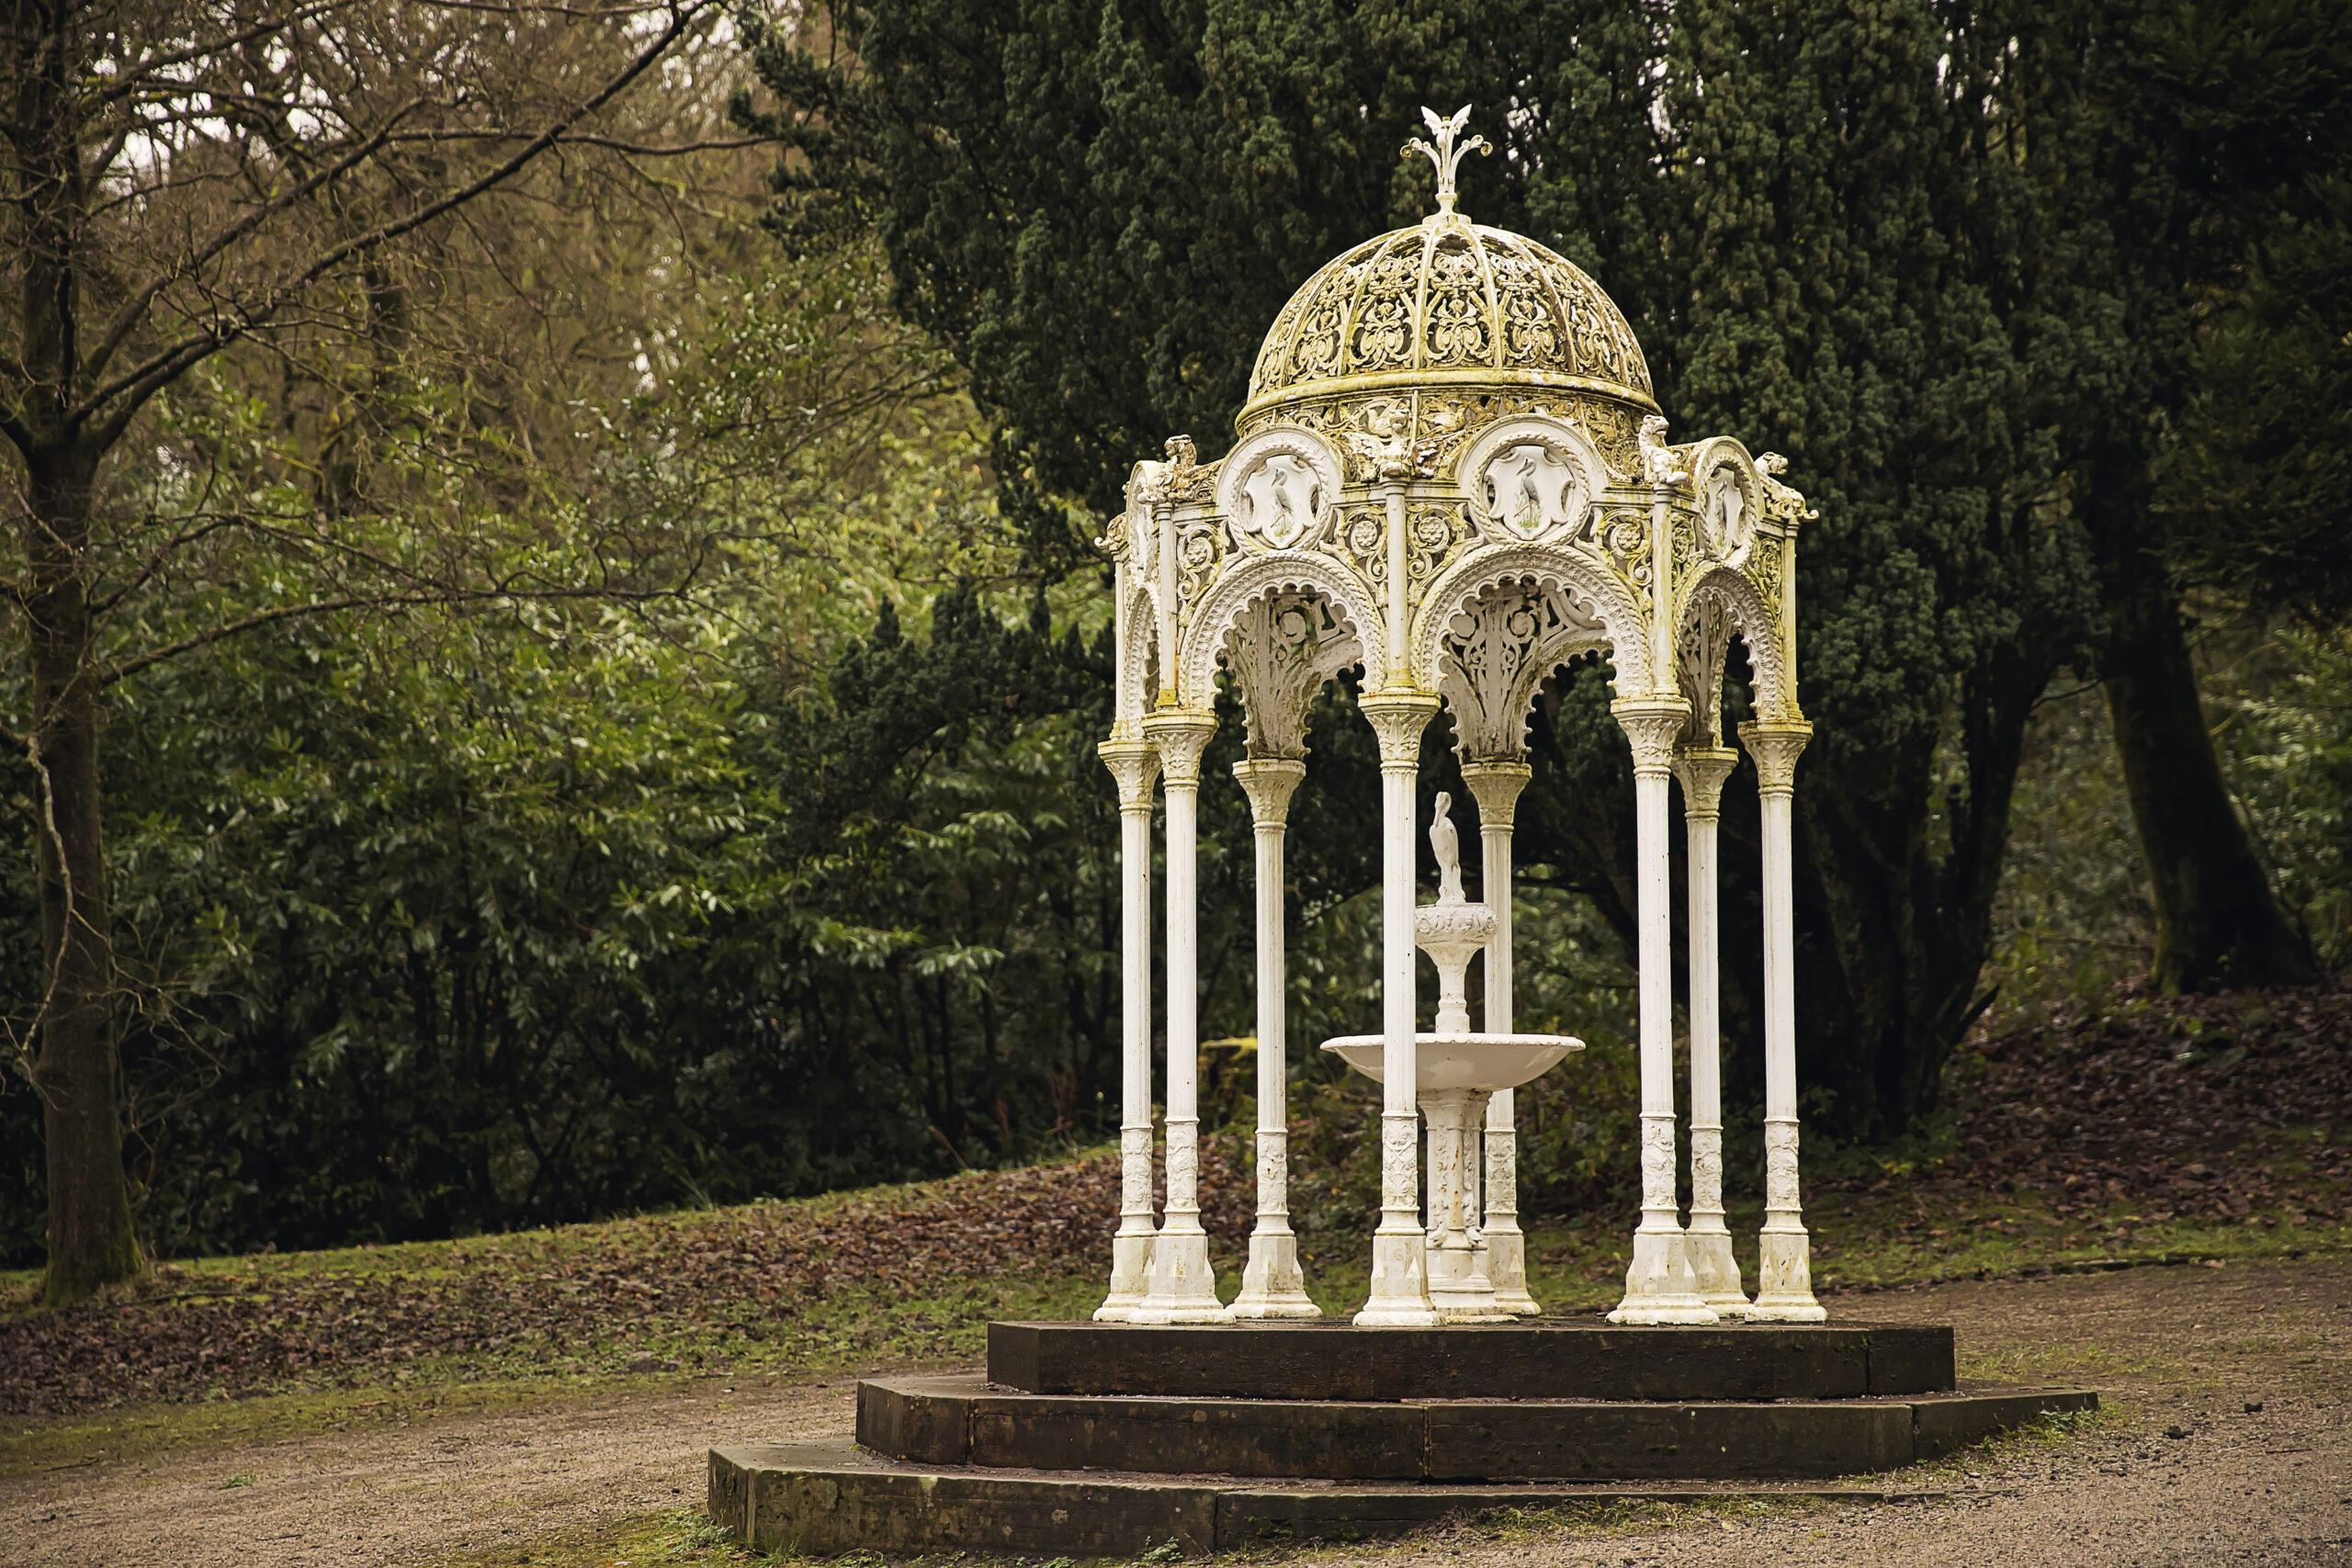 Catlow Fountain in Whitehall Park, Darwen